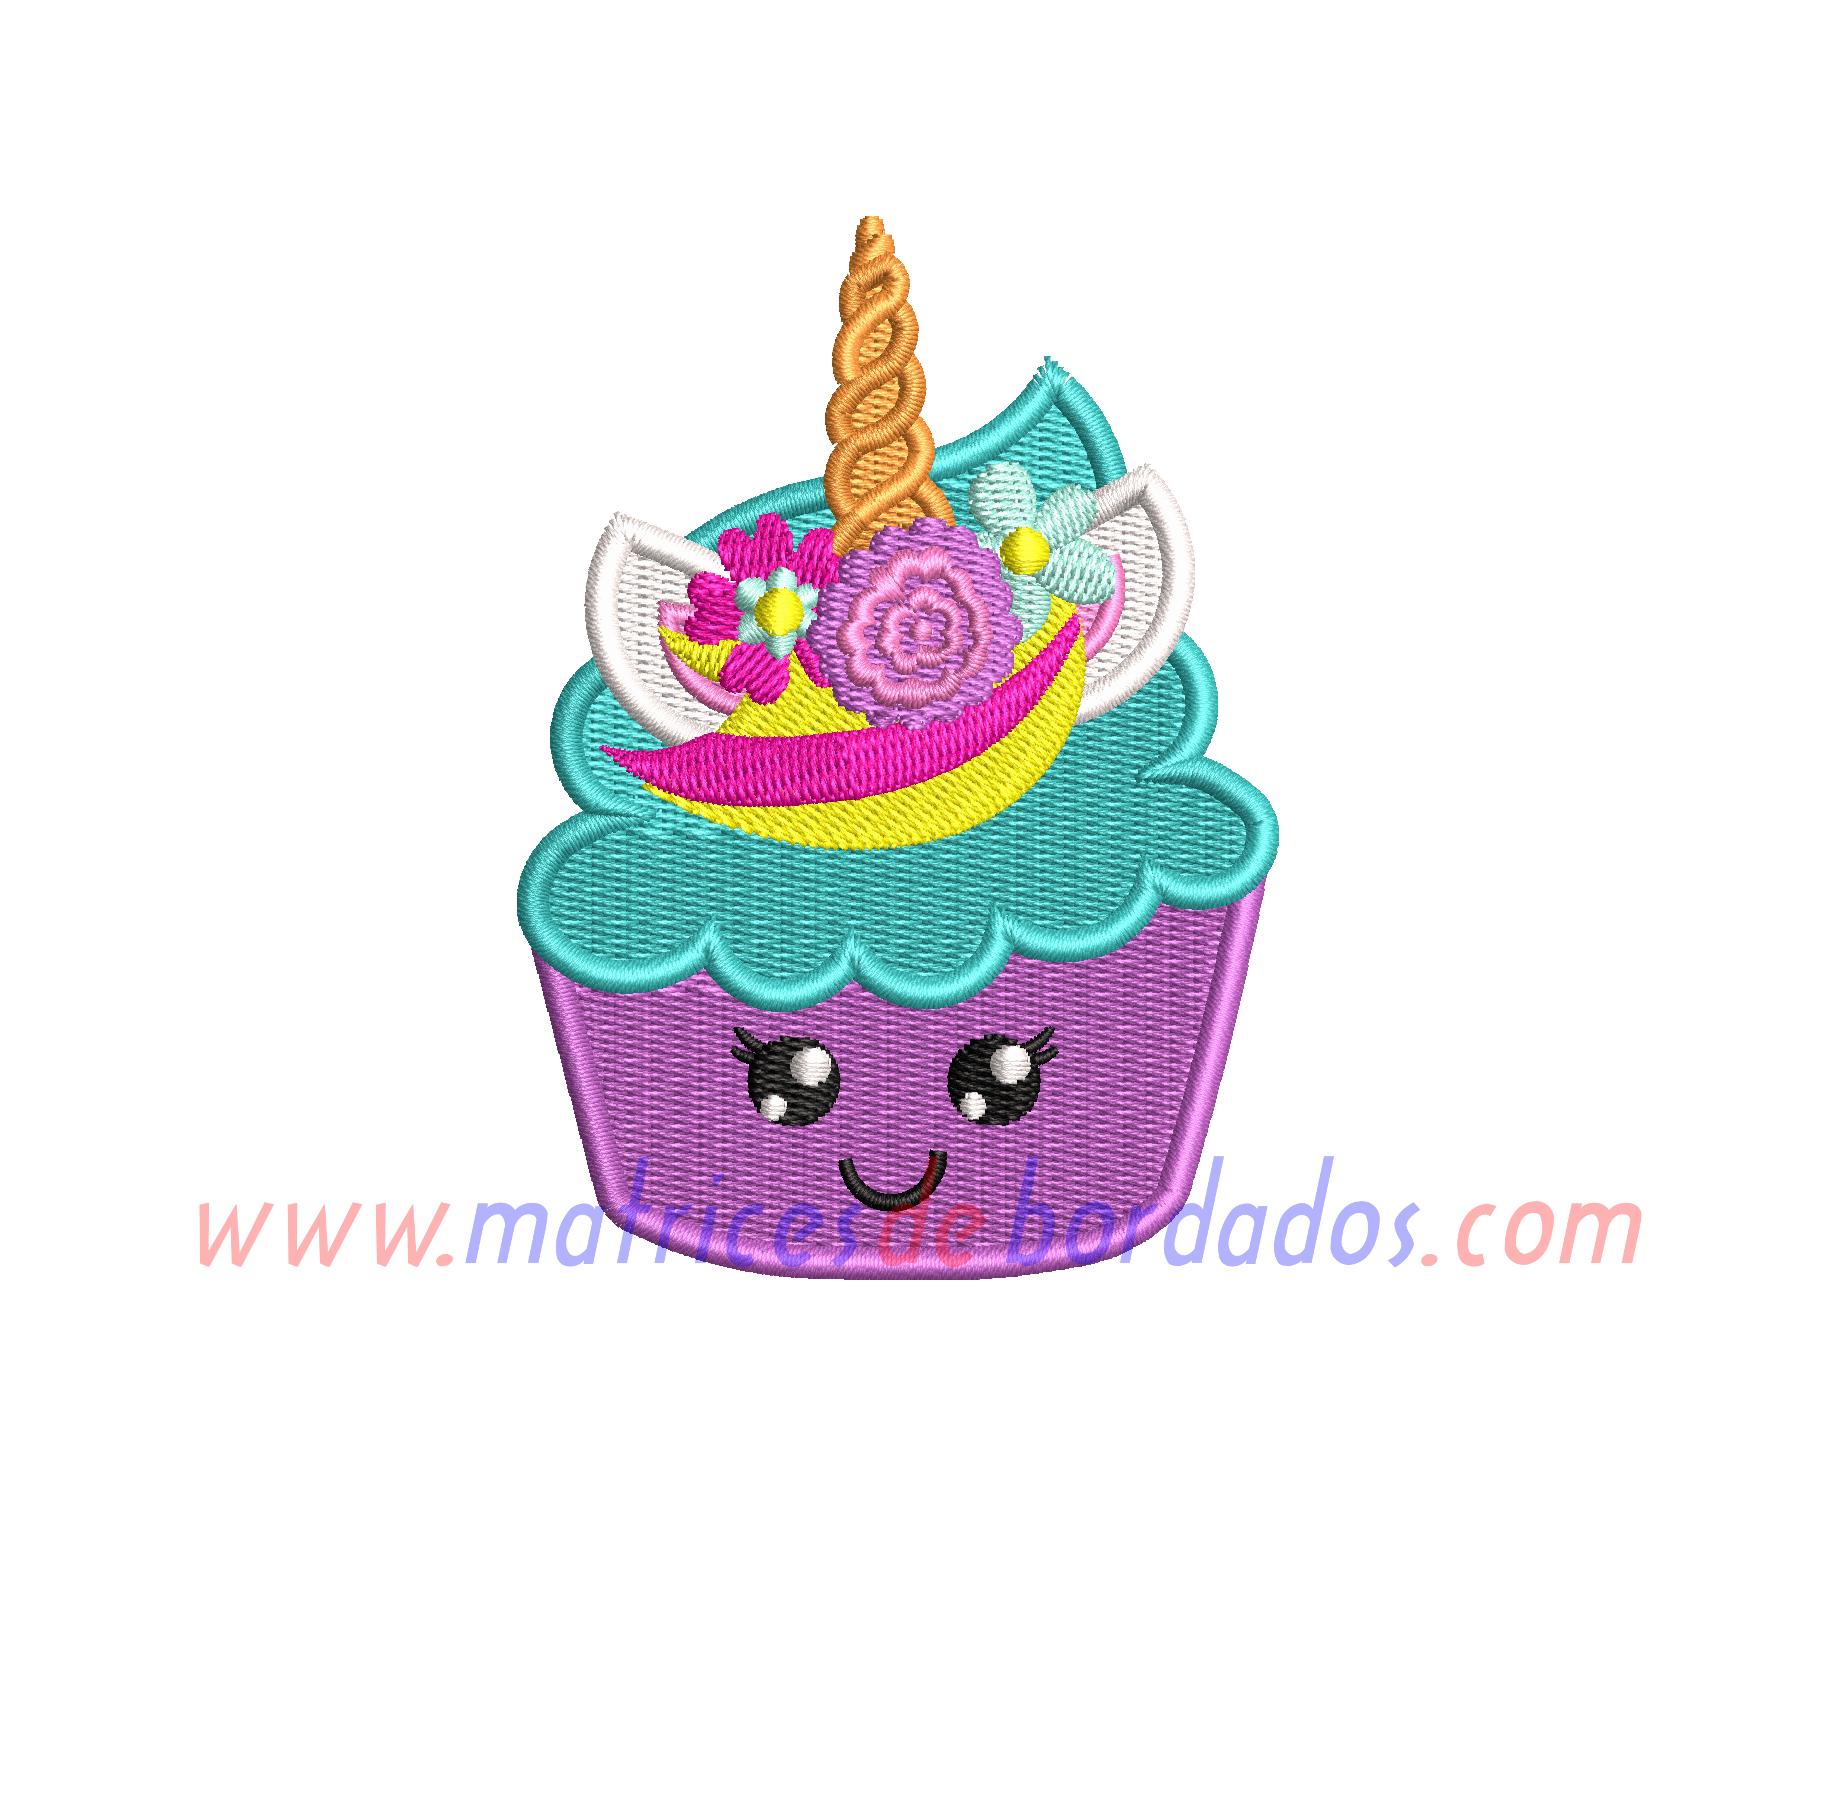 WF61VU - Cupcake